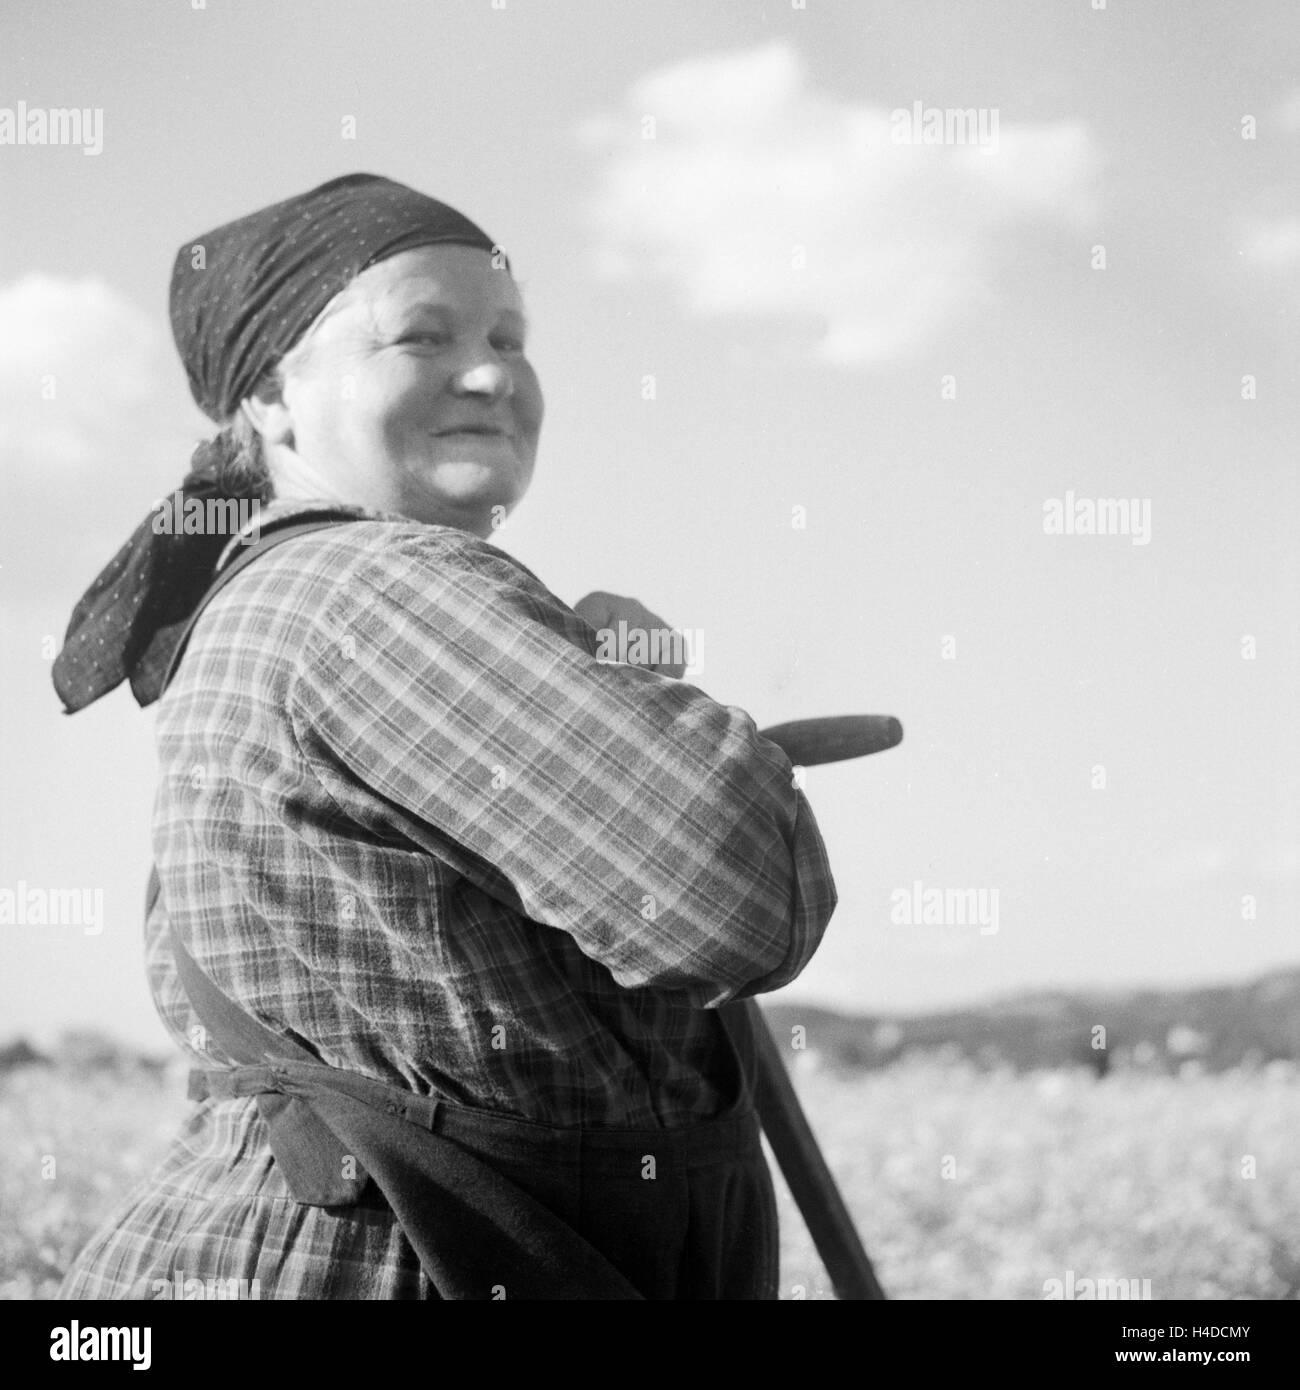 Eine Zufriedene Bauersfrau, 1930er Jahre Deutschland. Eine glückliche Bäuerin, Deutschland der 1930er Stockbild